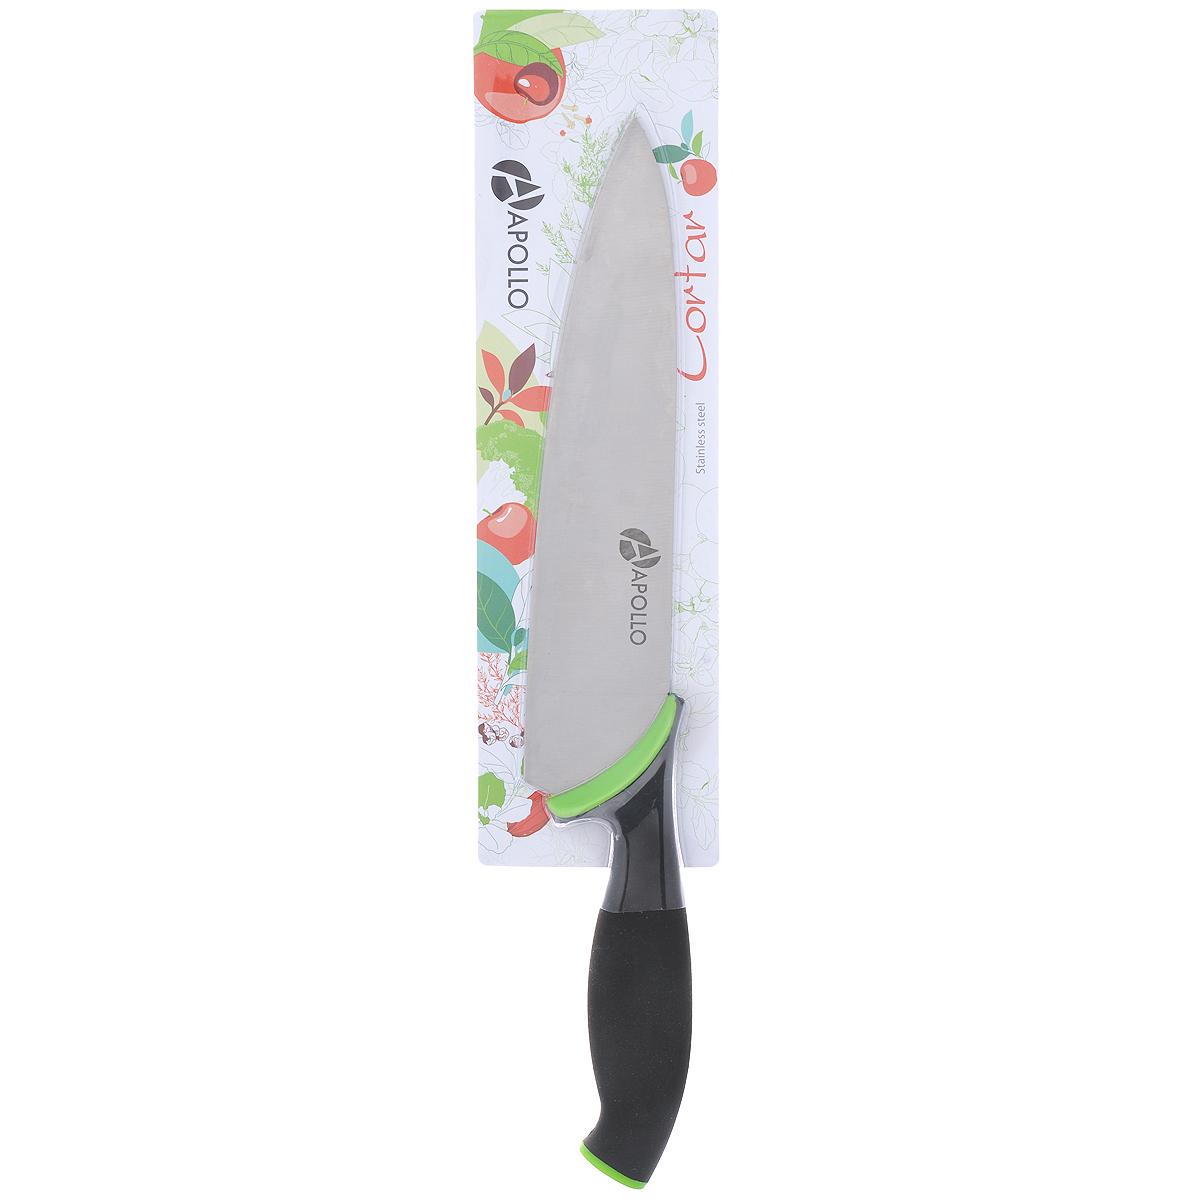 Нож кухонный Apollo Cortar, цвет: черный, зеленый, длина лезвия 20 см. COR-01_1COR-01_1Нож кухонный Apollo Cortar изготовлен из высококачественной нержавеющей стали с антибактериальным покрытием. Эргономичная рукоятка выполнена из высококачественного пищевого прорезиненного пластика. Рукоятка не скользит в руках и делает резку удобной и безопасной. Футляр выполнен из пищевого пластика. Этот нож идеально шинкует, нарезает и измельчает продукты. Его острие опущено вниз, центр тяжести смещен вперед, что позволяет прикладывать меньше усилий при работе ножом. Такой нож займет достойное место среди аксессуаров на вашей кухне. Заточка ножа Apollo Elsinorе производится так же, как и обычного кухонного ножа. Не рекомендуется мыть в посудомоечной машине. Общая длина ножа: 32 см. Длина лезвия: 20 см. Толщина лезвия: 2 мм.